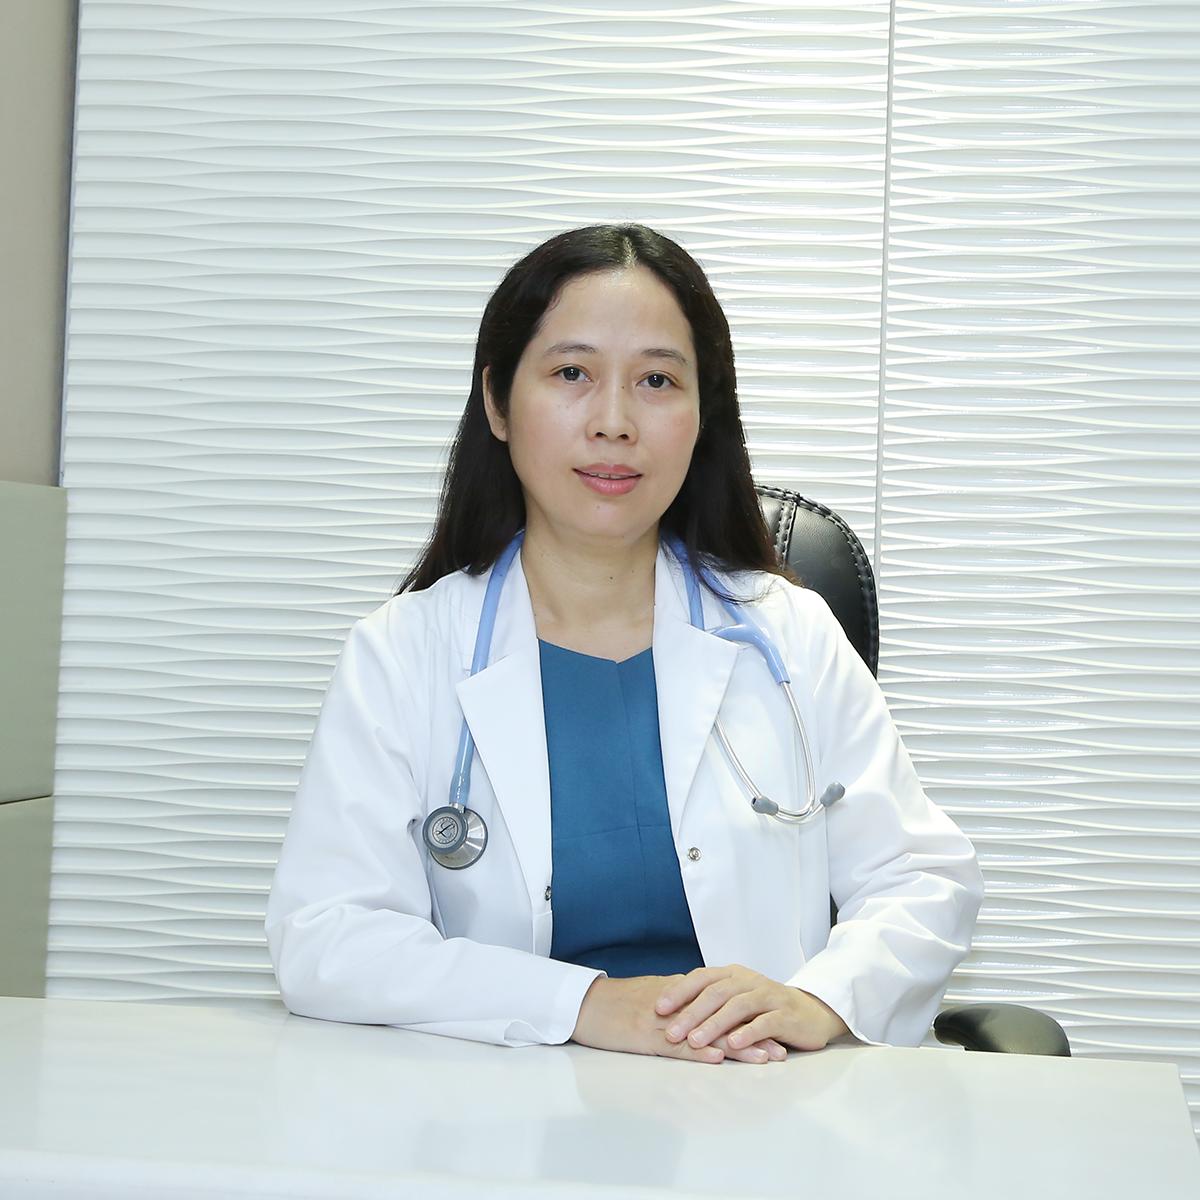 Phòng khám tim mạch Hồng Tâm – Chuyên siêu âm và chẩn đoán các bệnh về tim